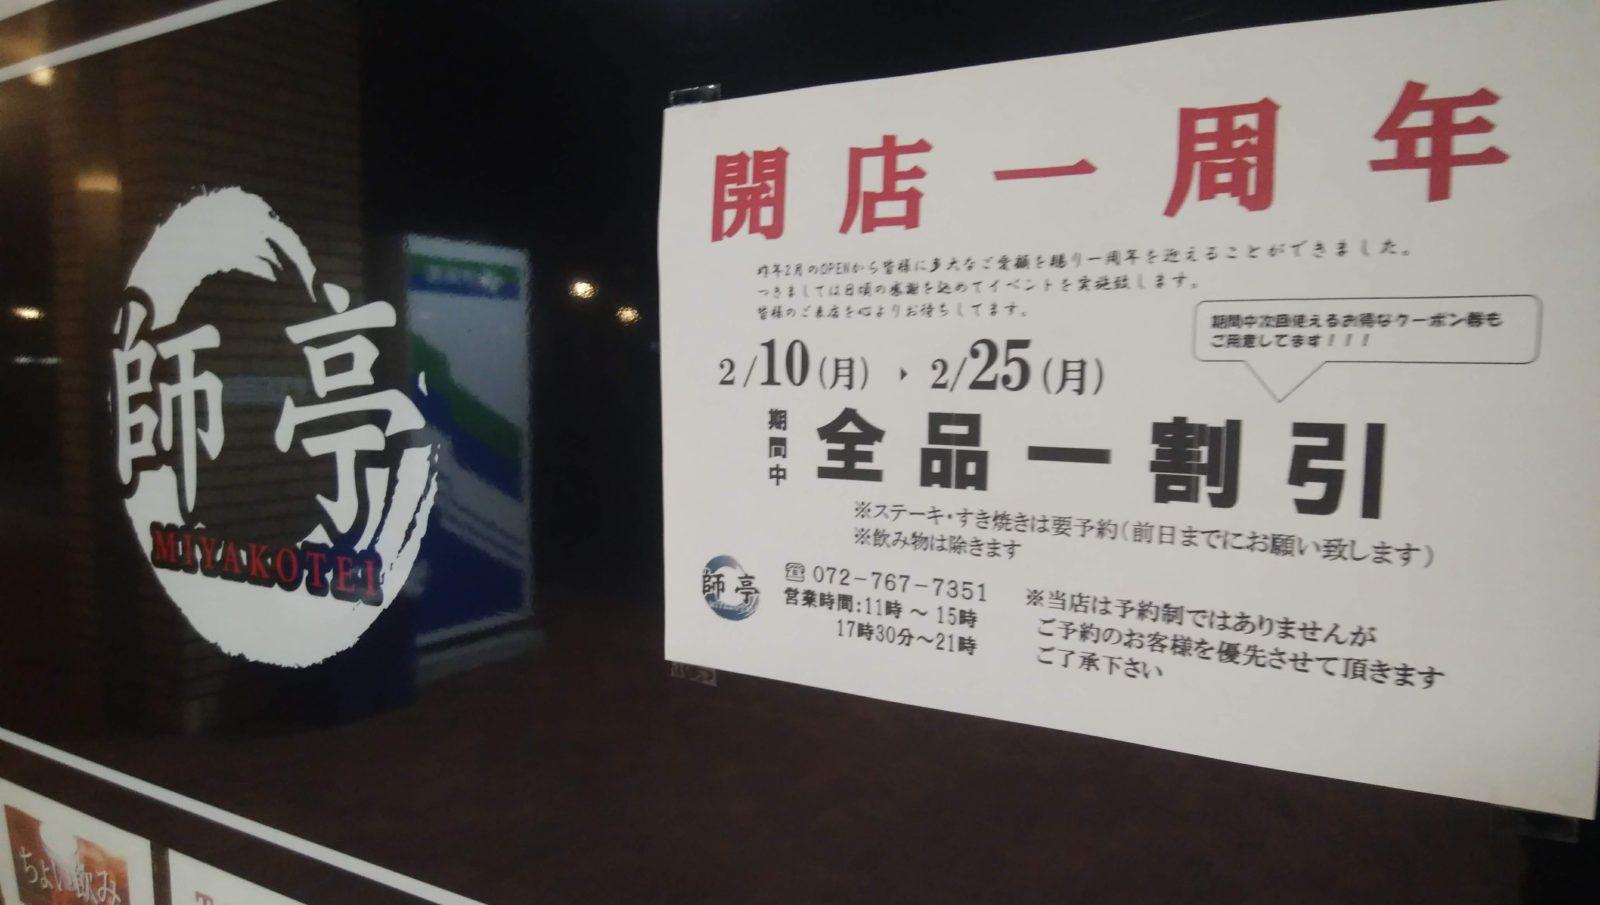 【師亭】開店1周年記念で全品1割引!